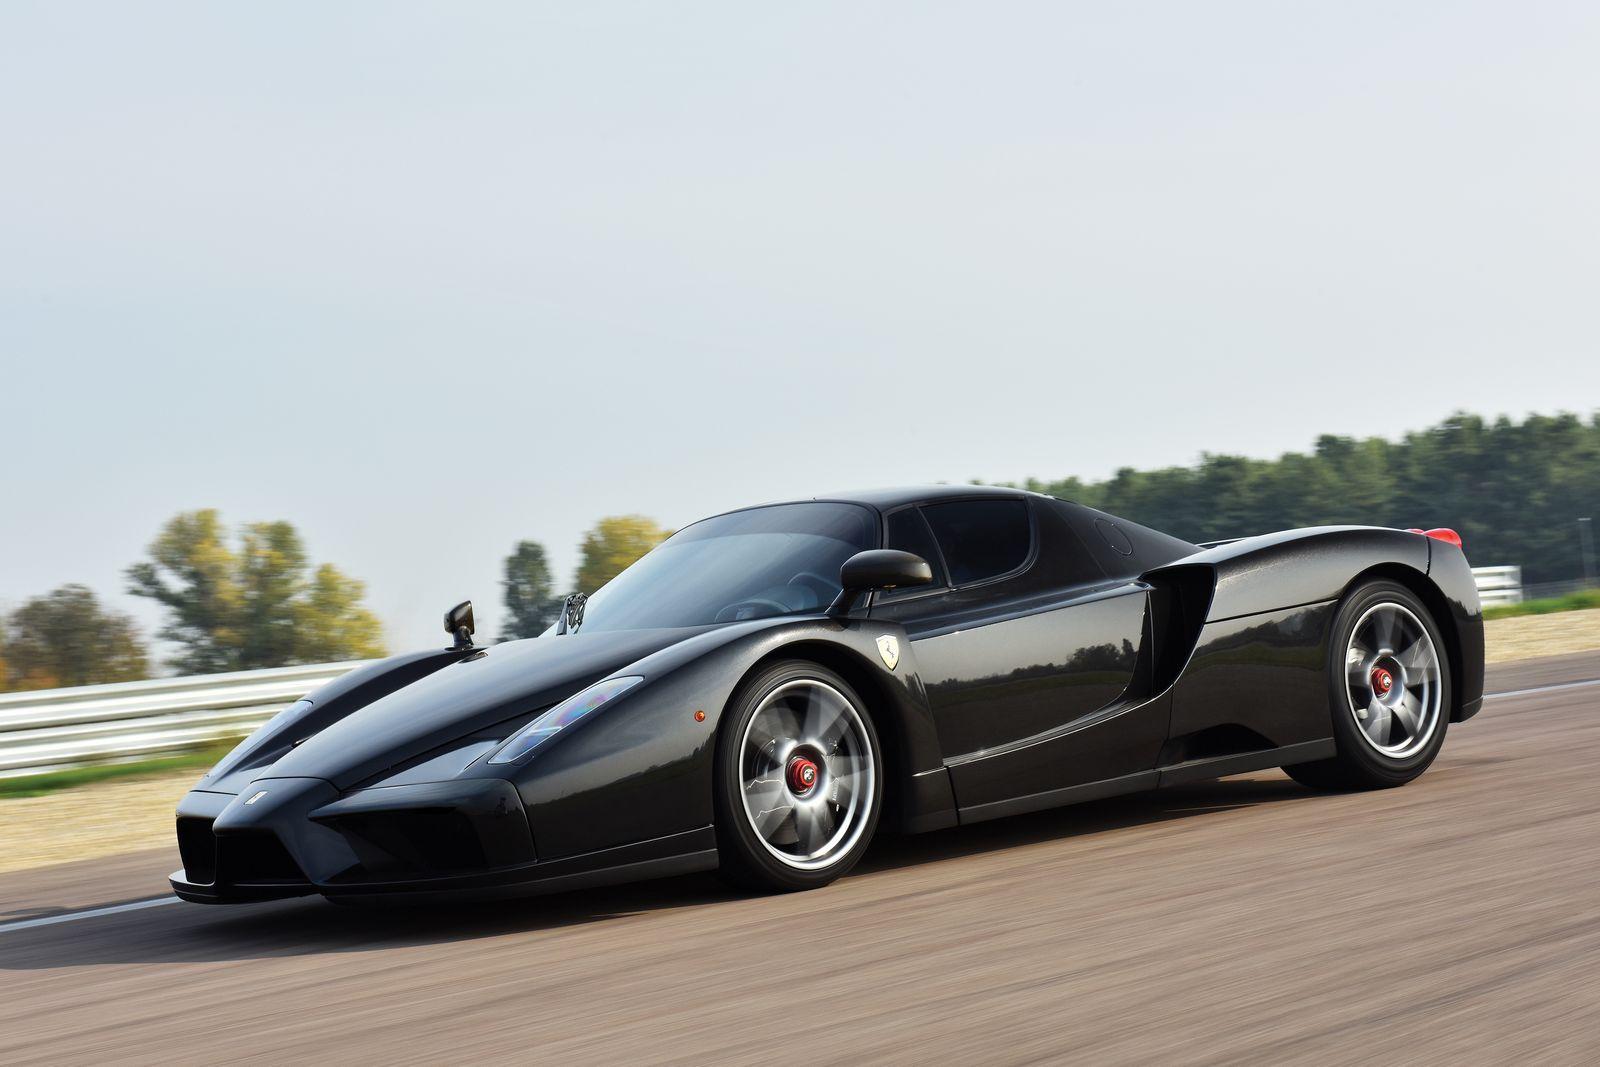 Rebuilt Black Ferrari Enzo Sells For 1 75 Million At Auction